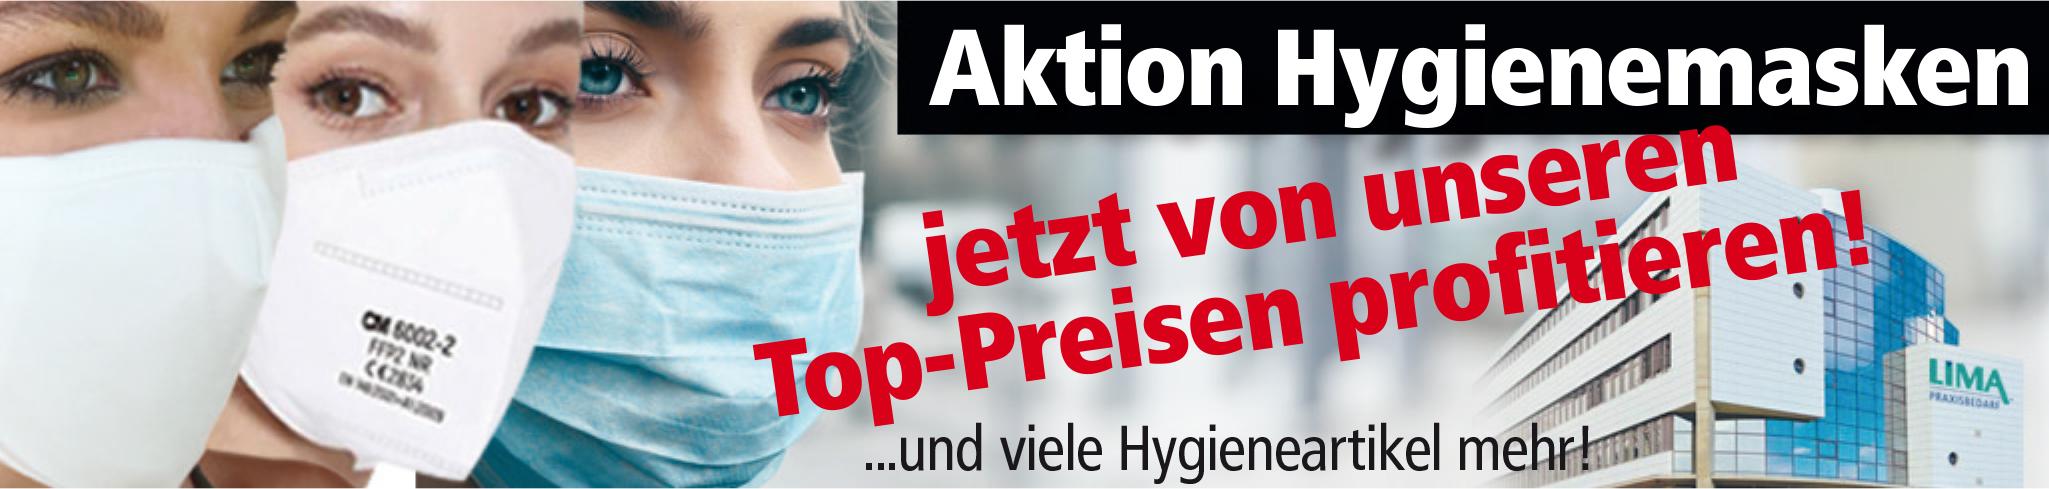 Banner Aktion Hygienemasken